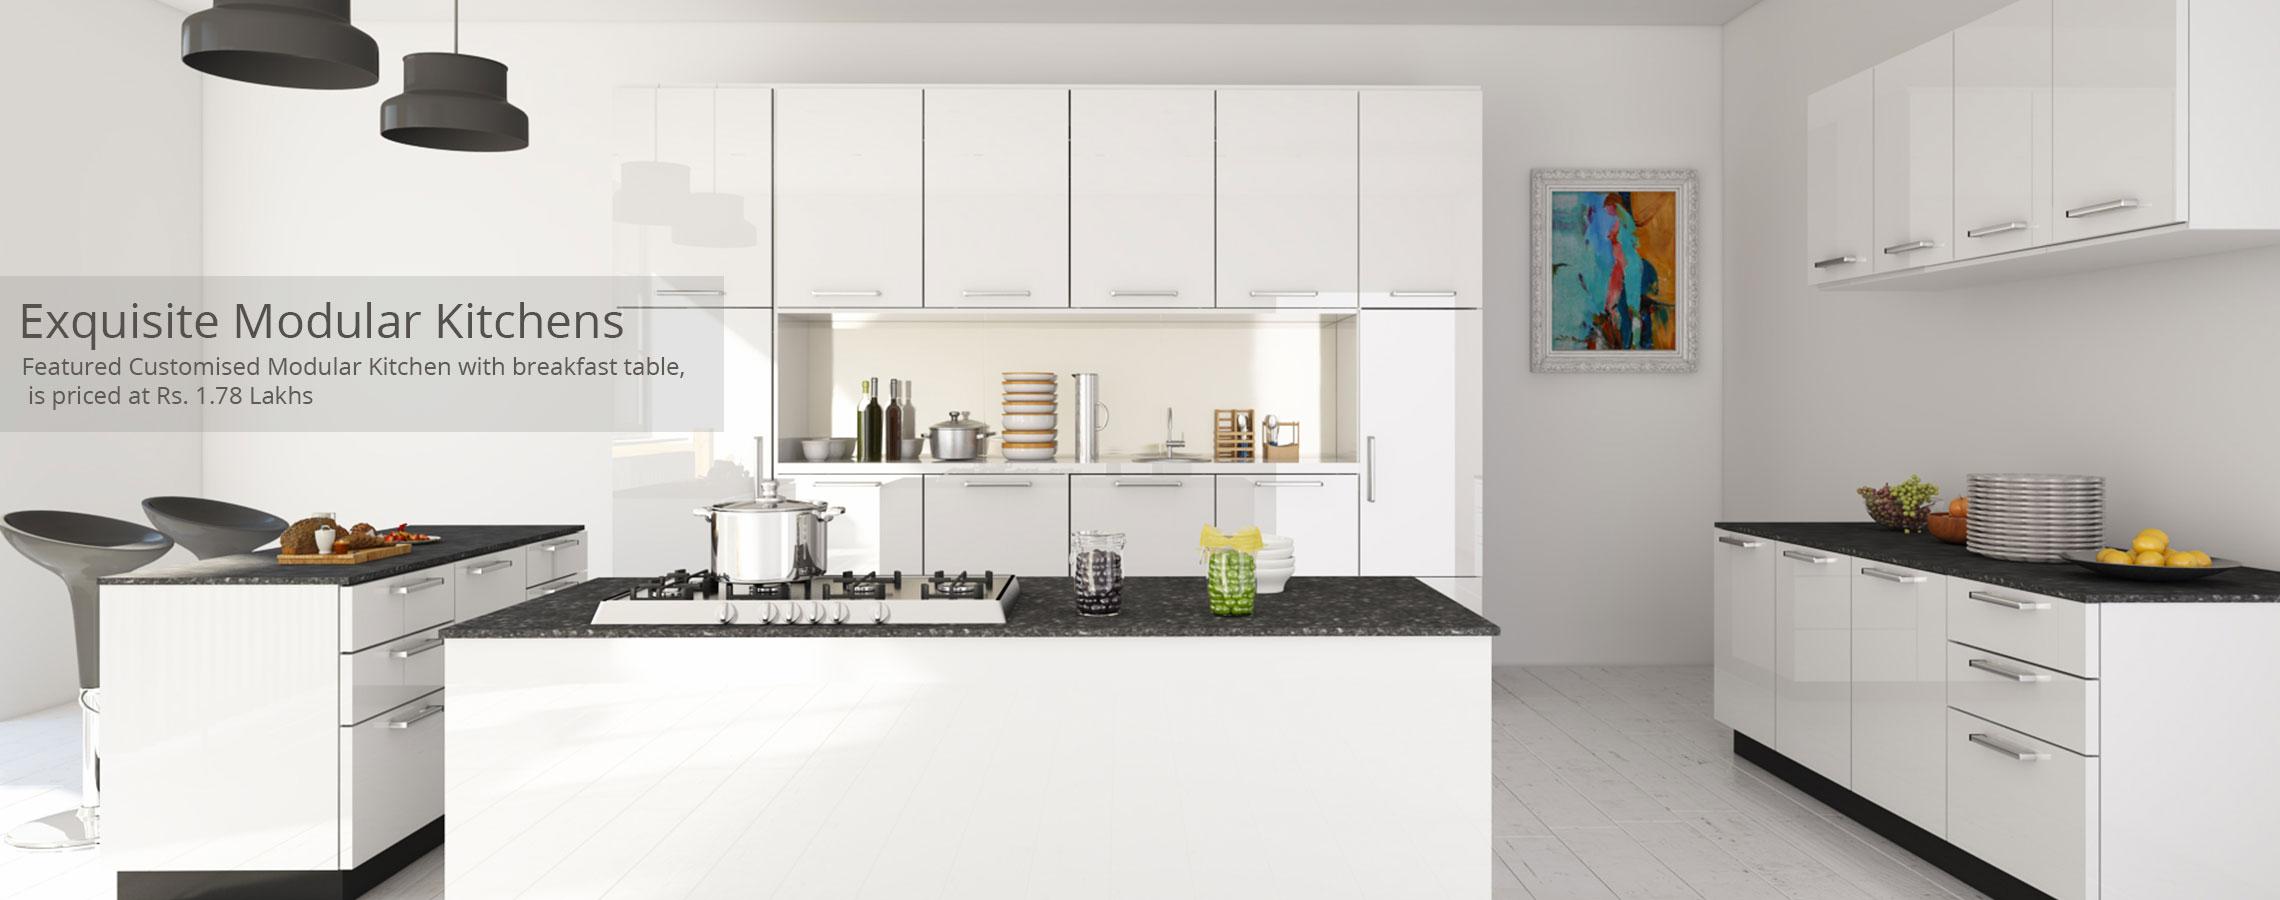 Exquisite Modular Kitchen